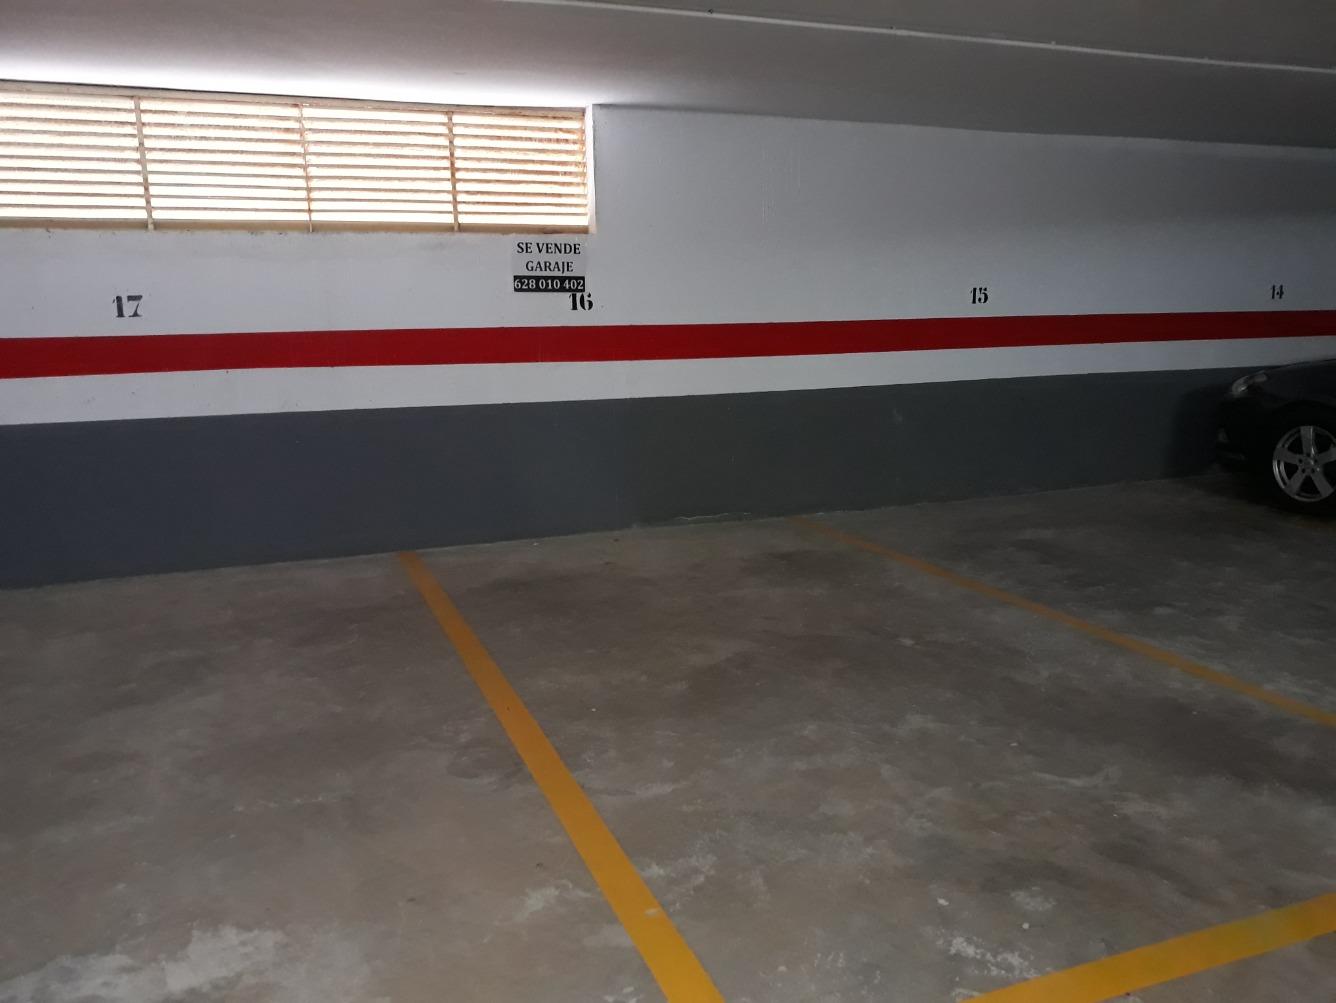 Aparcament cotxe  Calle aragon, 13. Garaje en sótano, amplio, junto a la playa de chilches y Moncofa